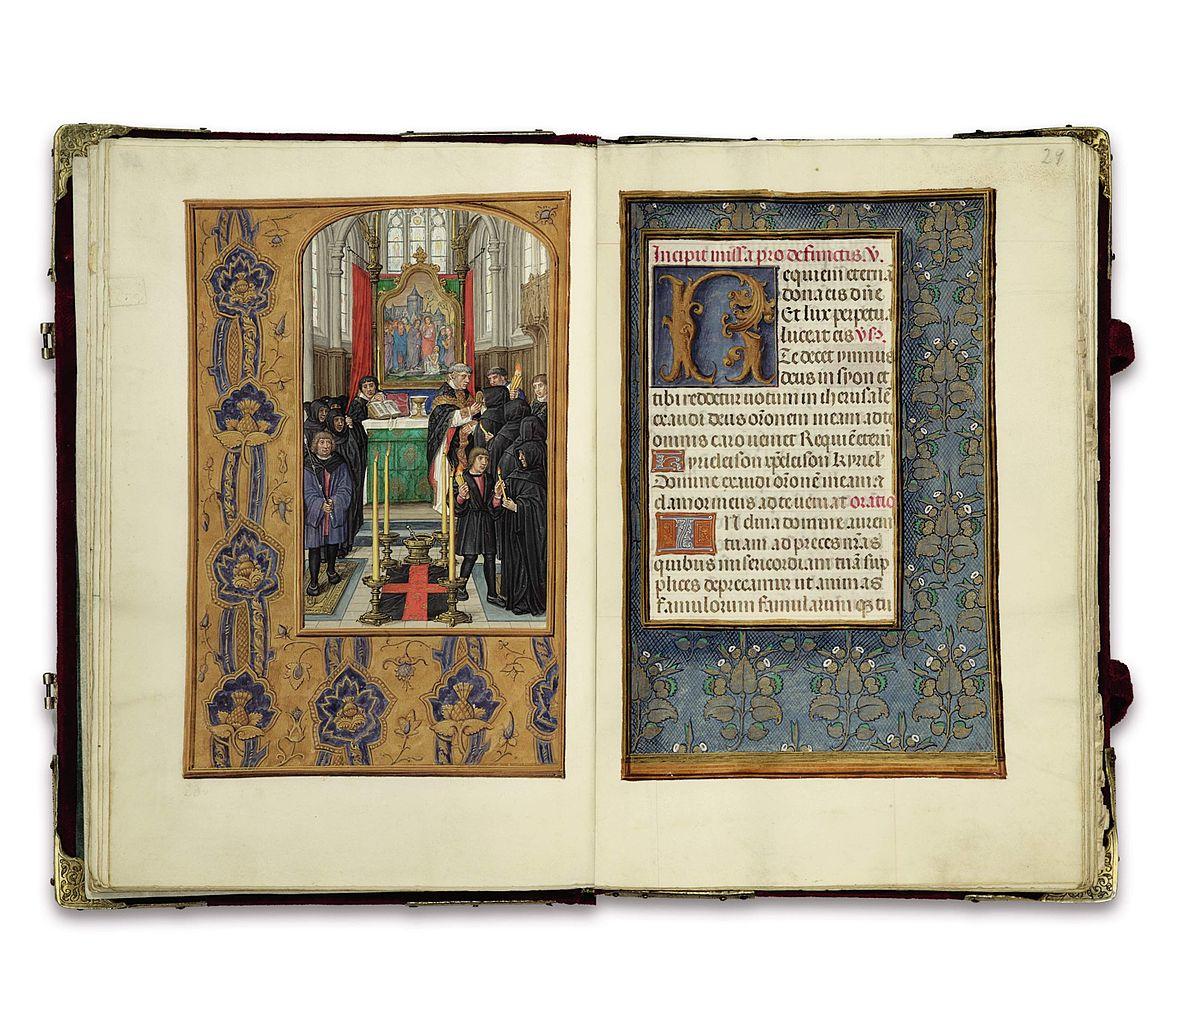 Rothschild Prayerbook - Wikipedia